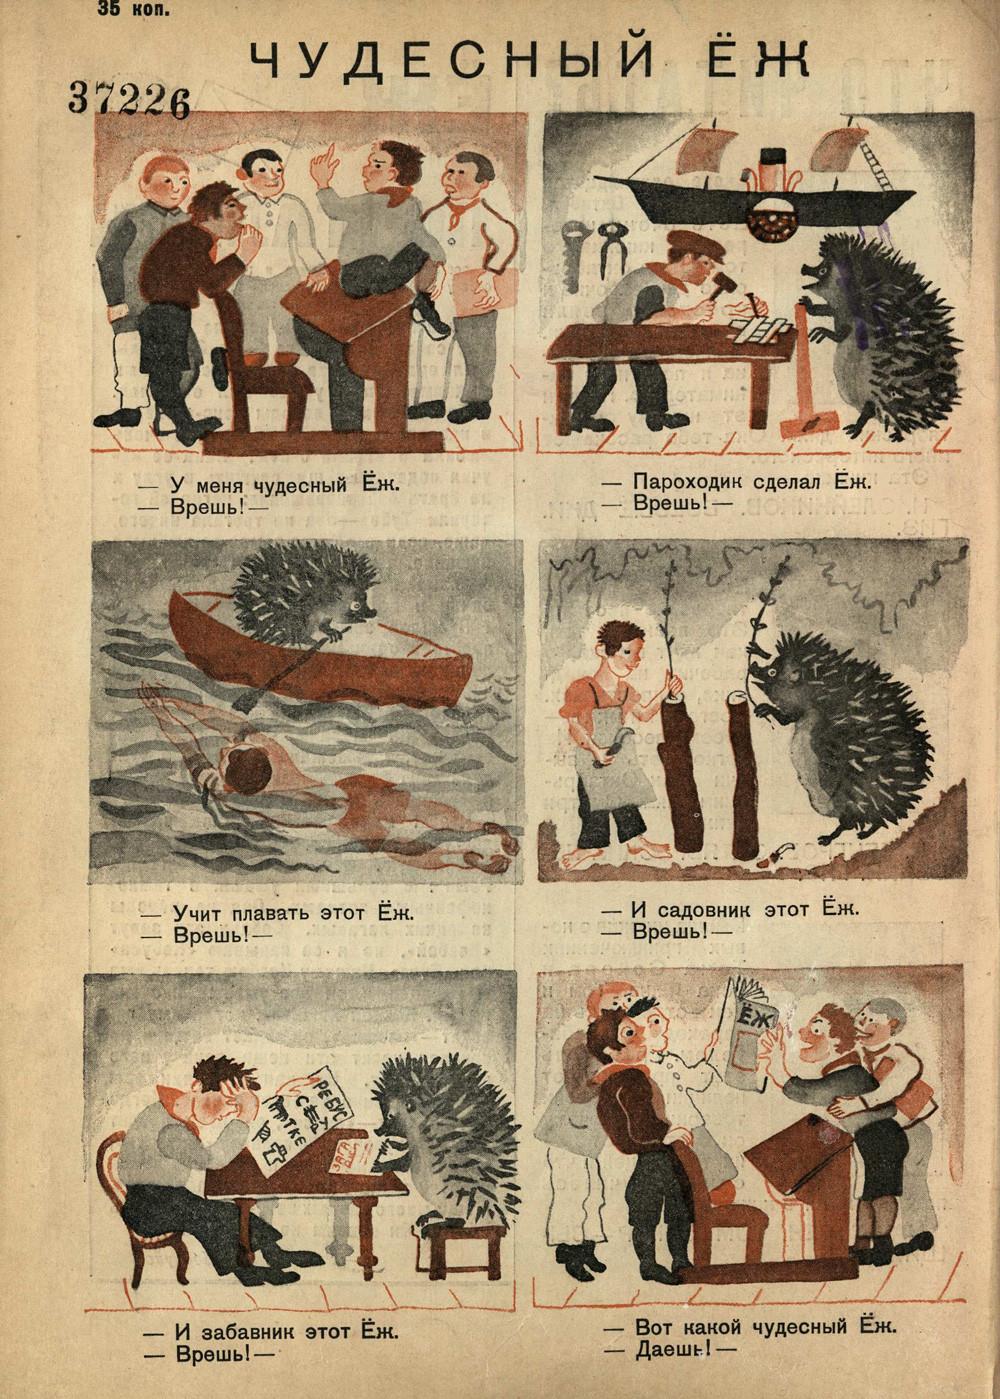 Комиксы в СССР - журнал Ёж, страница